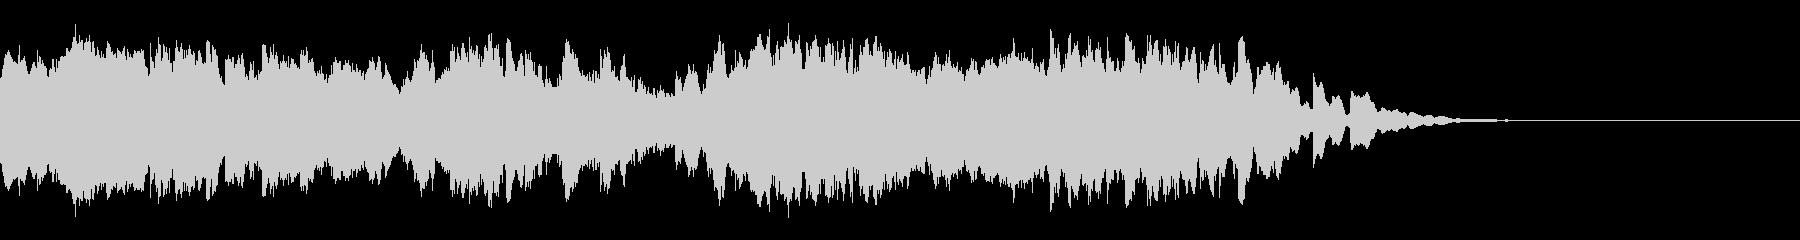 ベルとストリングスの感動的な挿入歌の未再生の波形